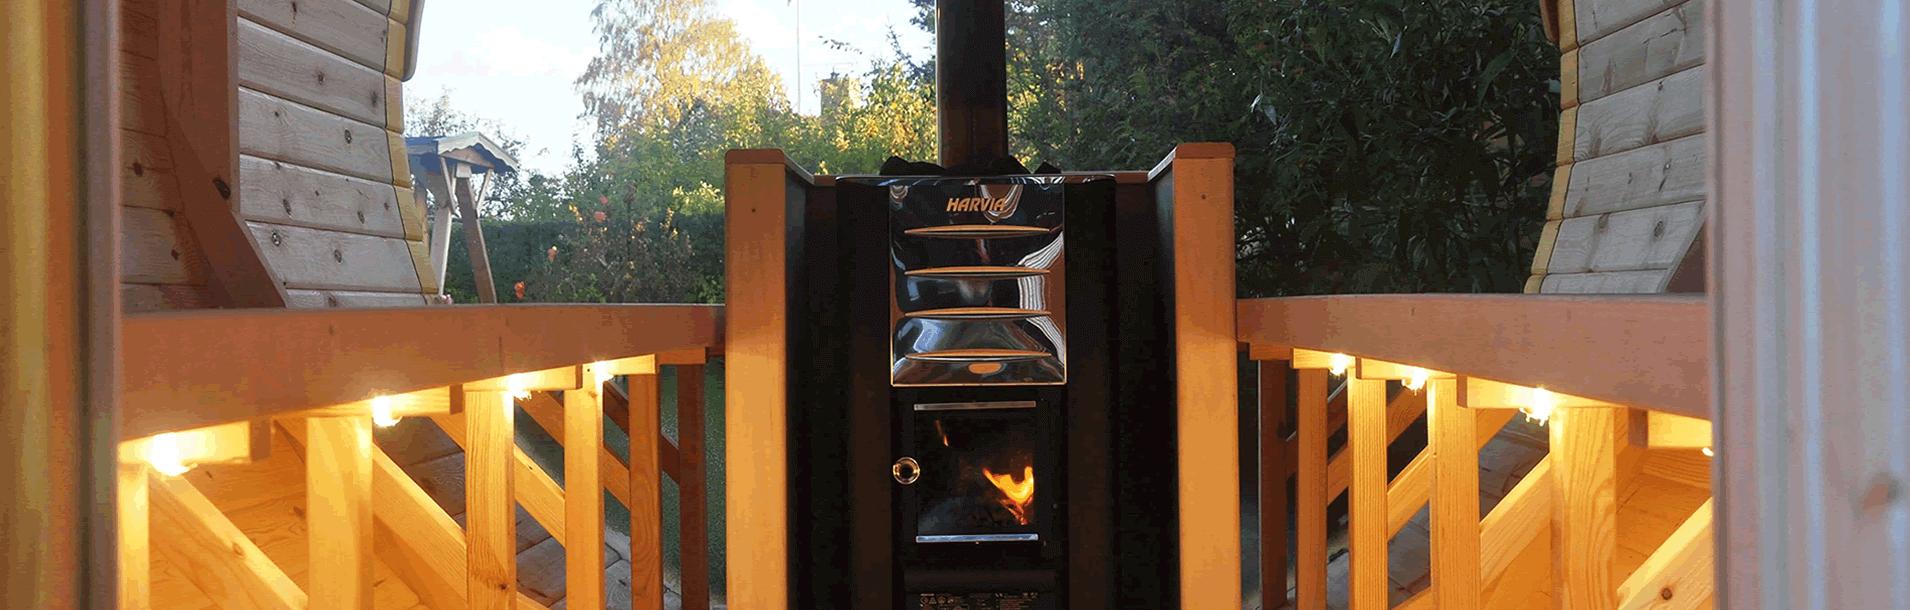 Barrel Sauna's from Carr Bank Garden Centre